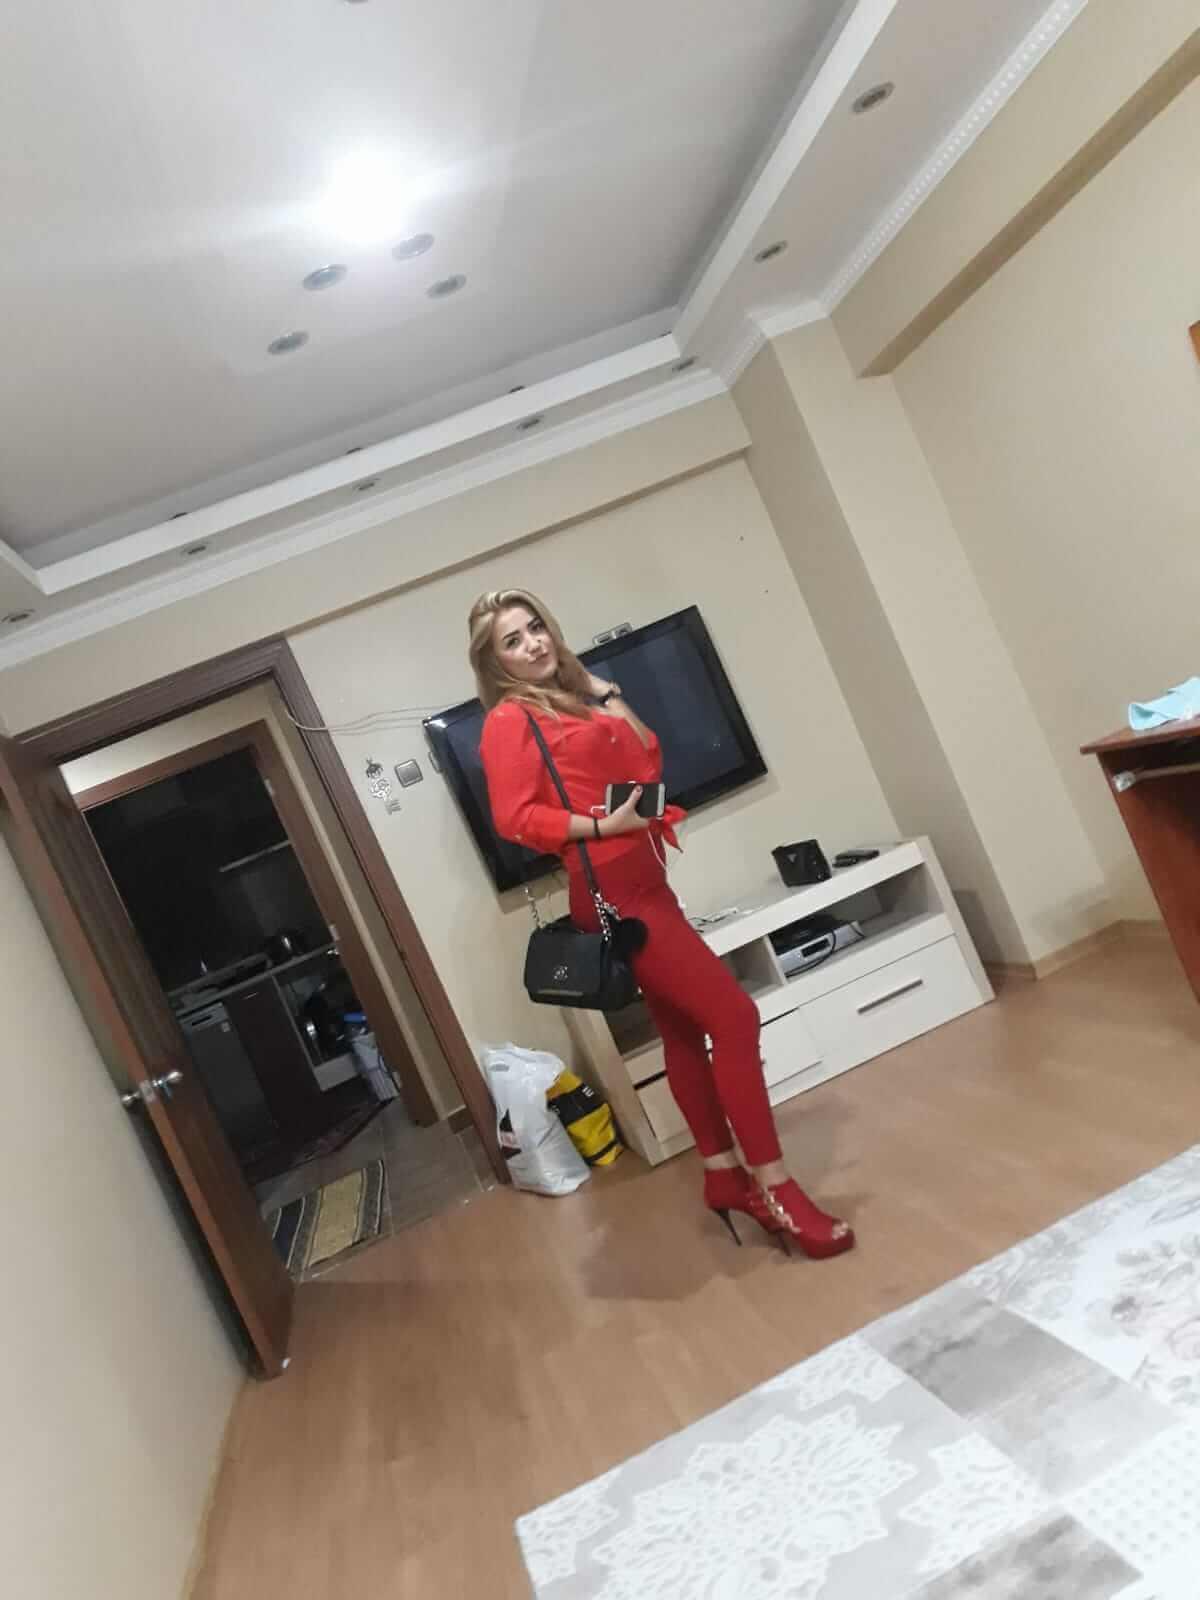 Anadolu Yakası Escort Bayan Leyla - Image 5